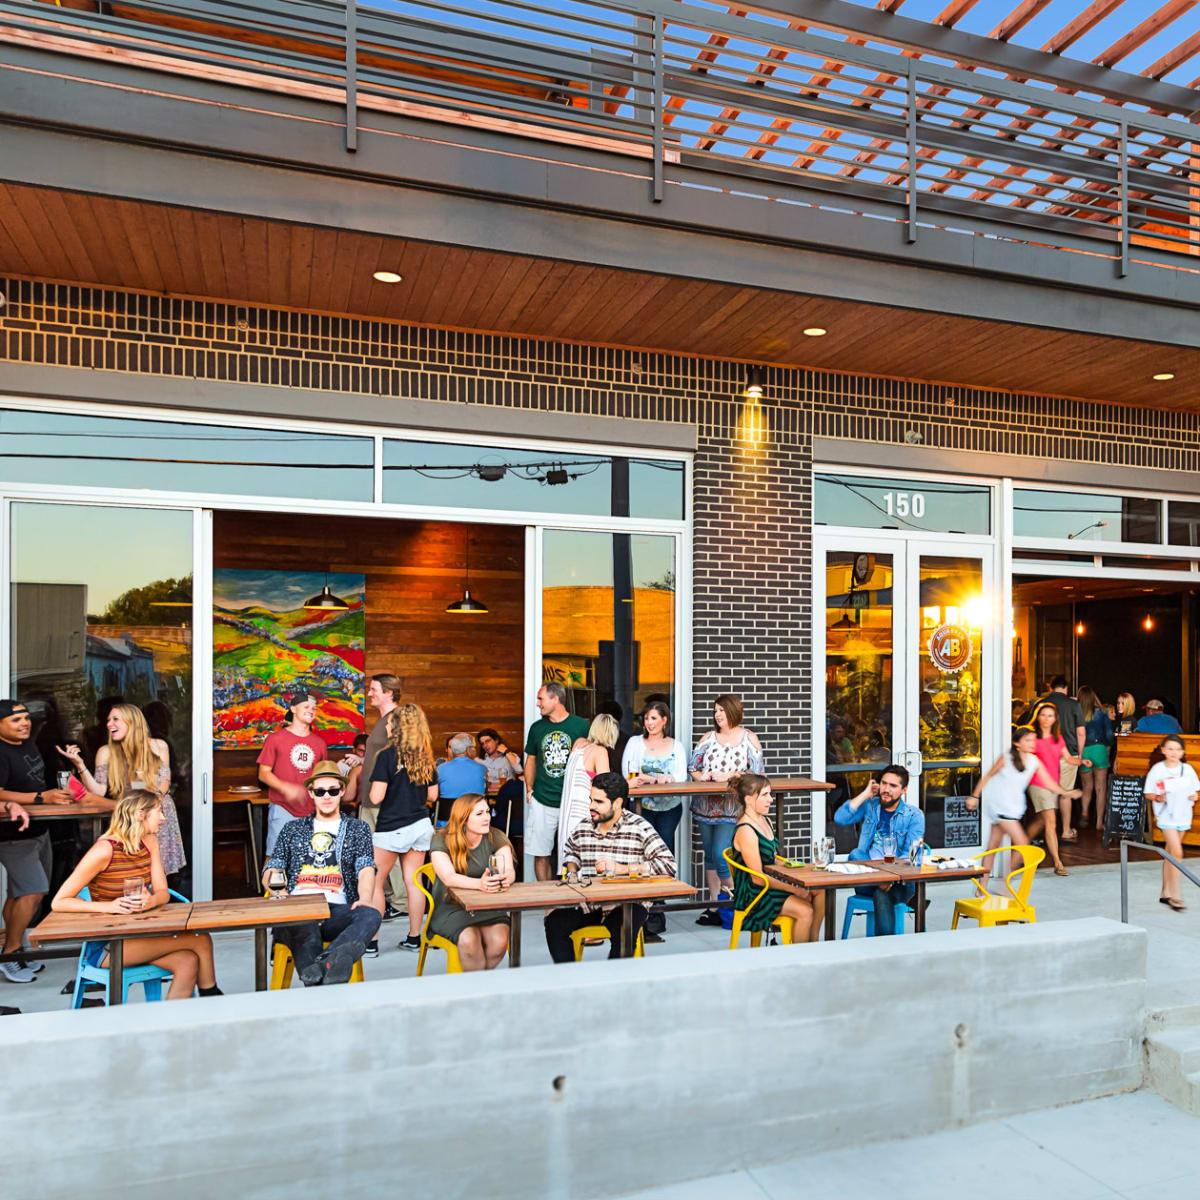 AquaBrew Brewery & Beer Garden in San Marcos